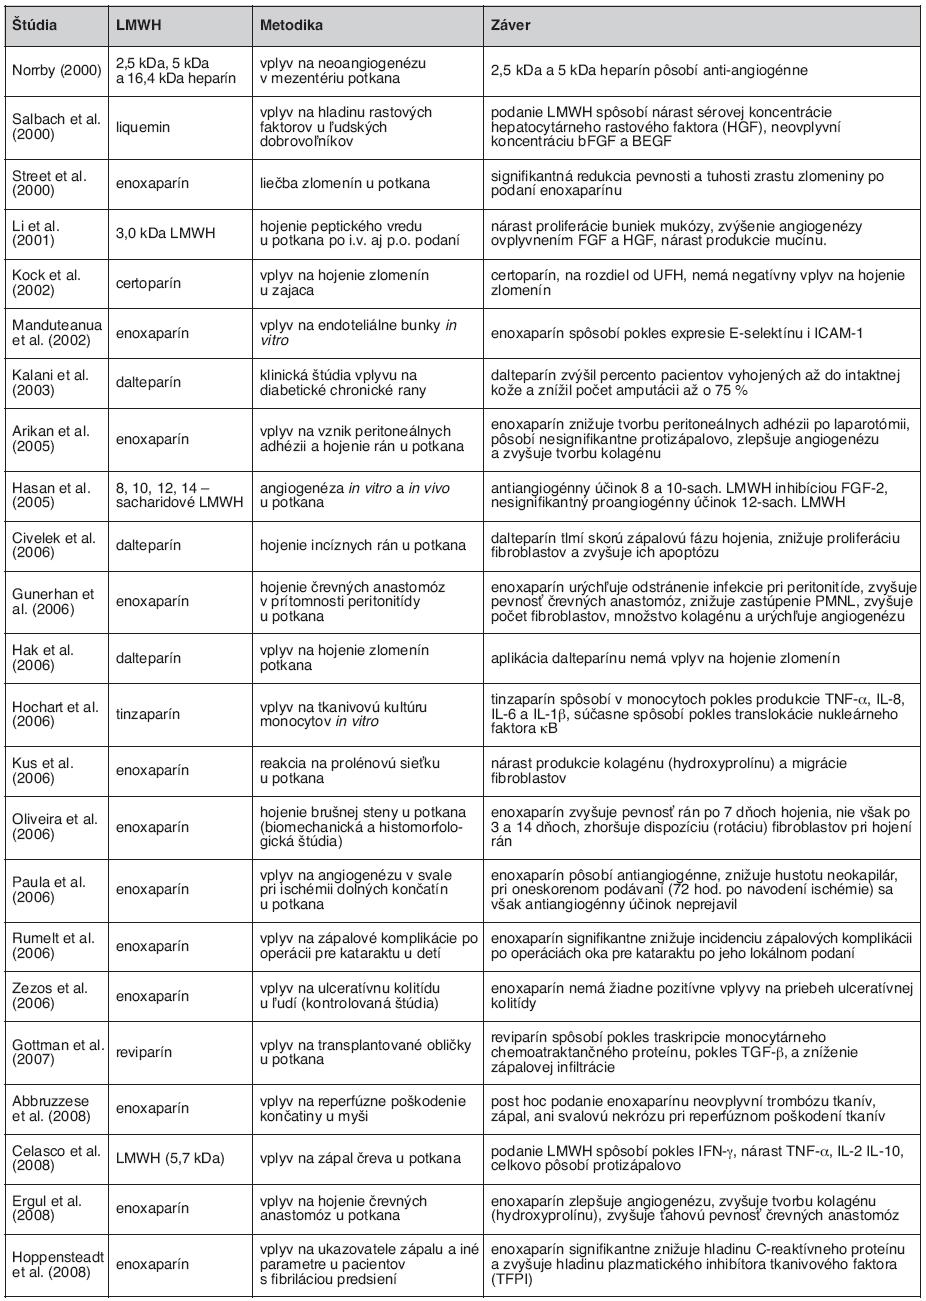 Prehľad pôvodných vedeckých prác z rokov 2000–2008 zameriavajúcich sa na neantikoagulačné účinky LMWH